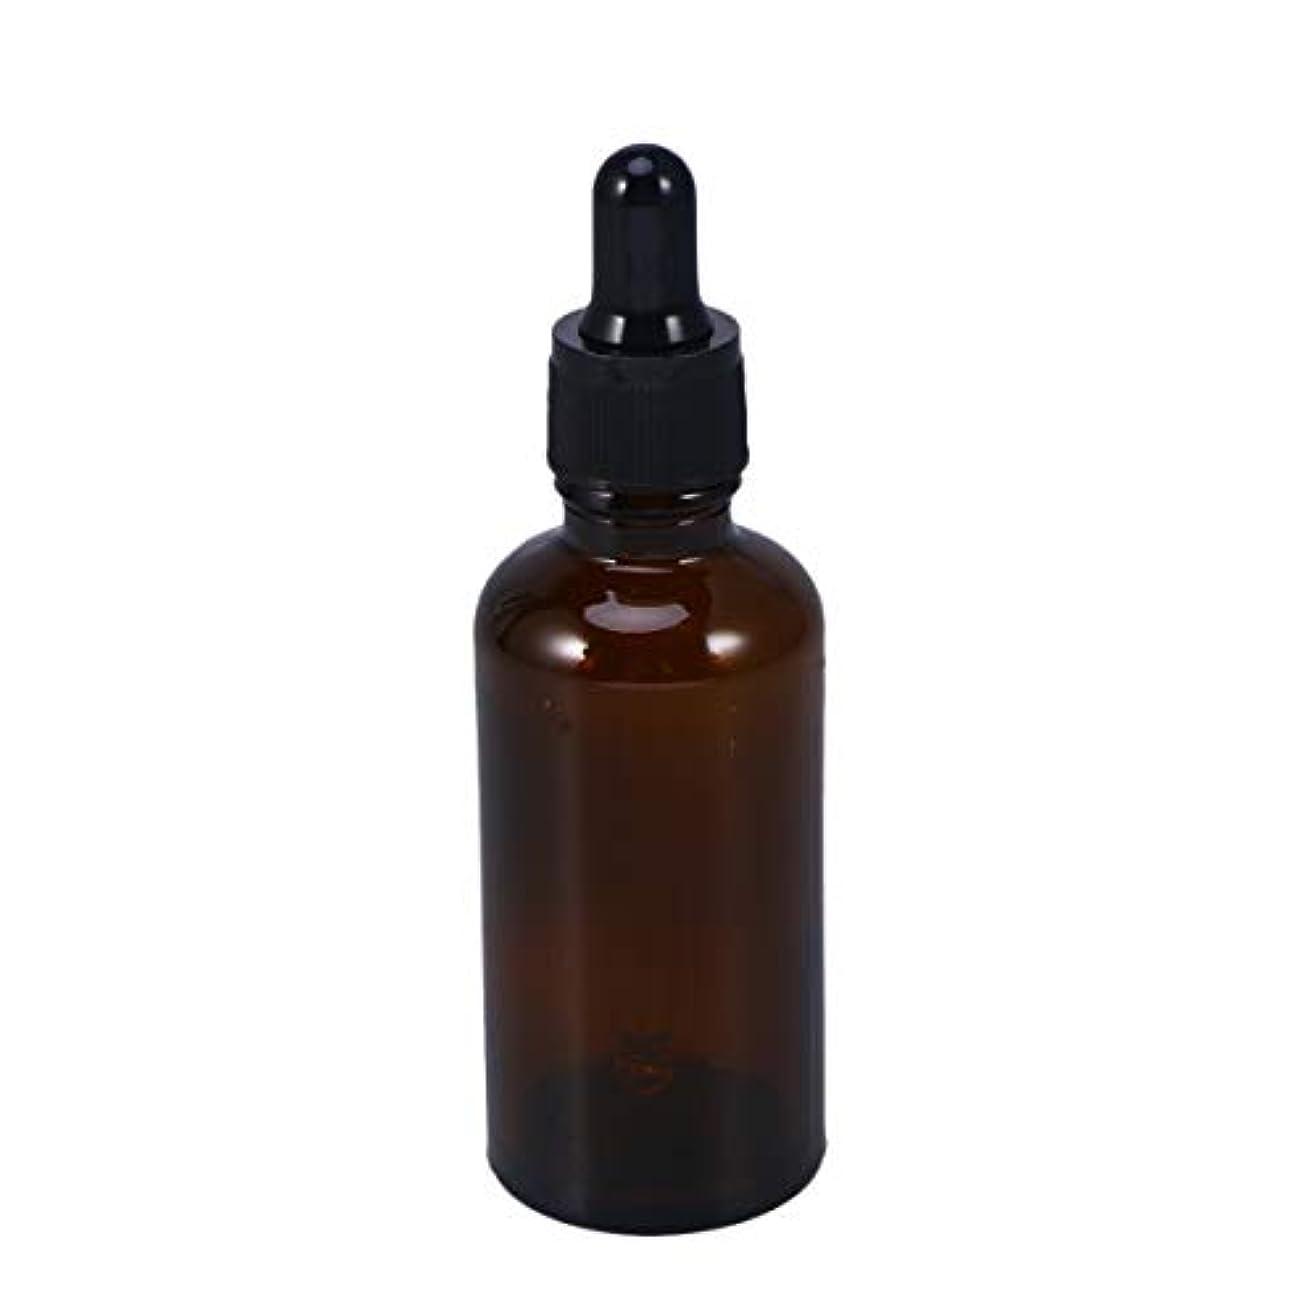 縮れたポルティコ変換Frcolor 遮光瓶 スポイト遮光瓶 スポイト付き アロマボトル 50ml 保存容器 エッセンシャルオイル 香水 保存用 詰替え ガラス 茶色